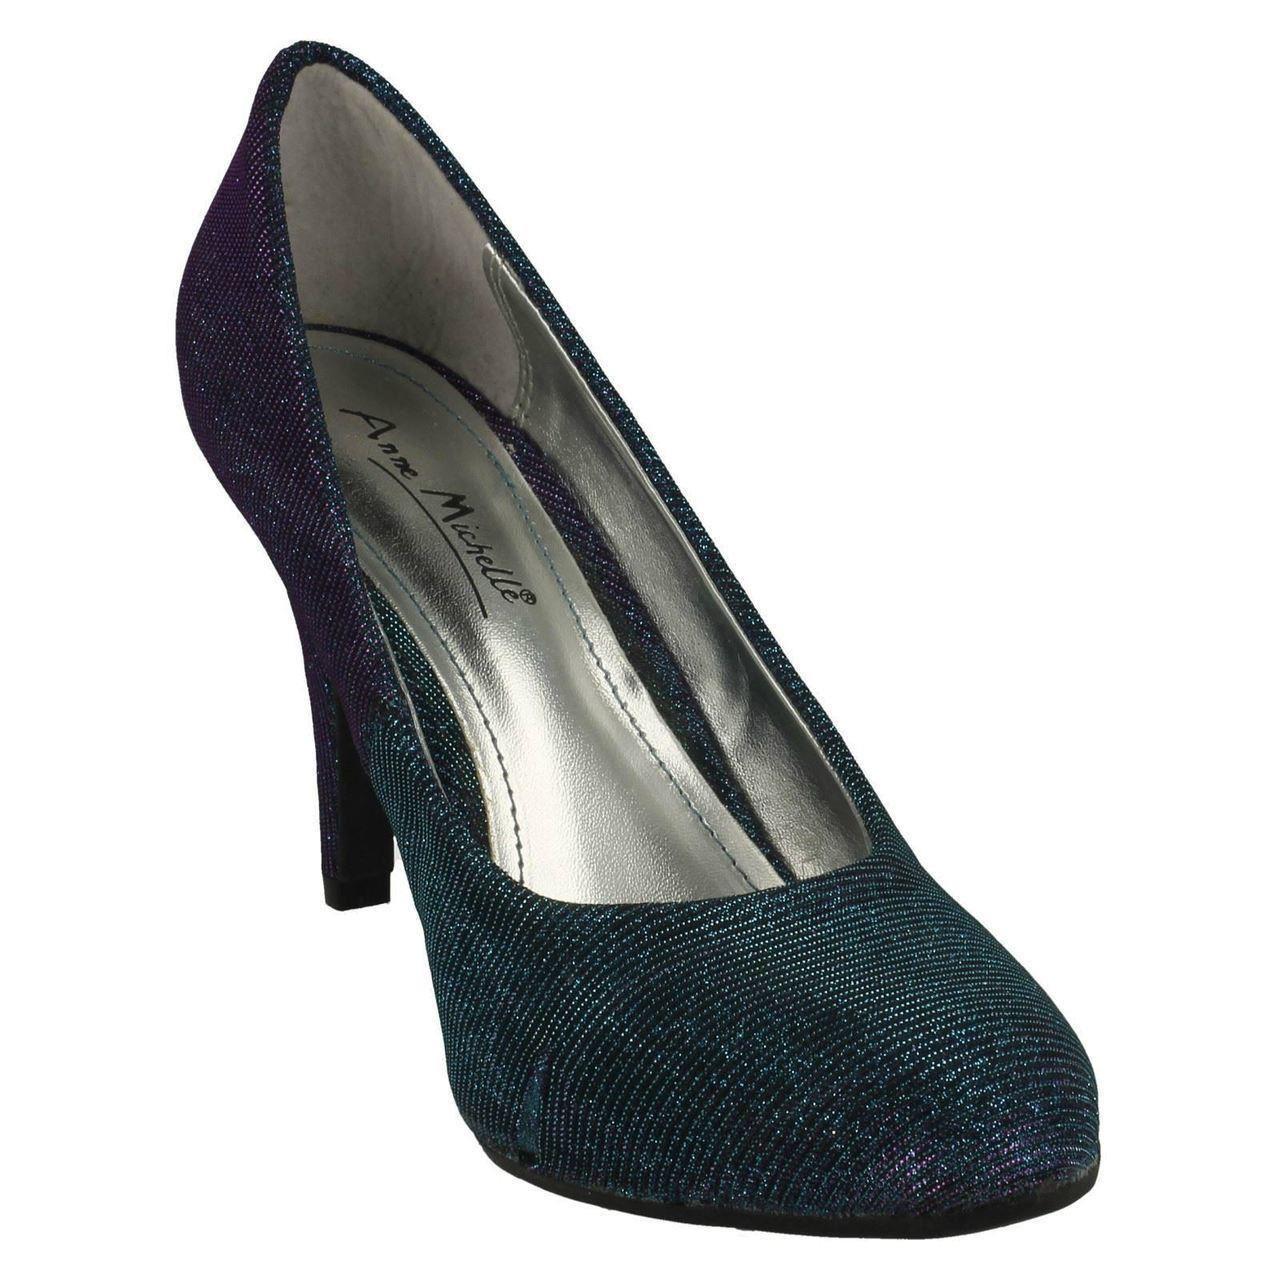 Señoras Anne Michelle Zapatos Tenis el estilo-l2231